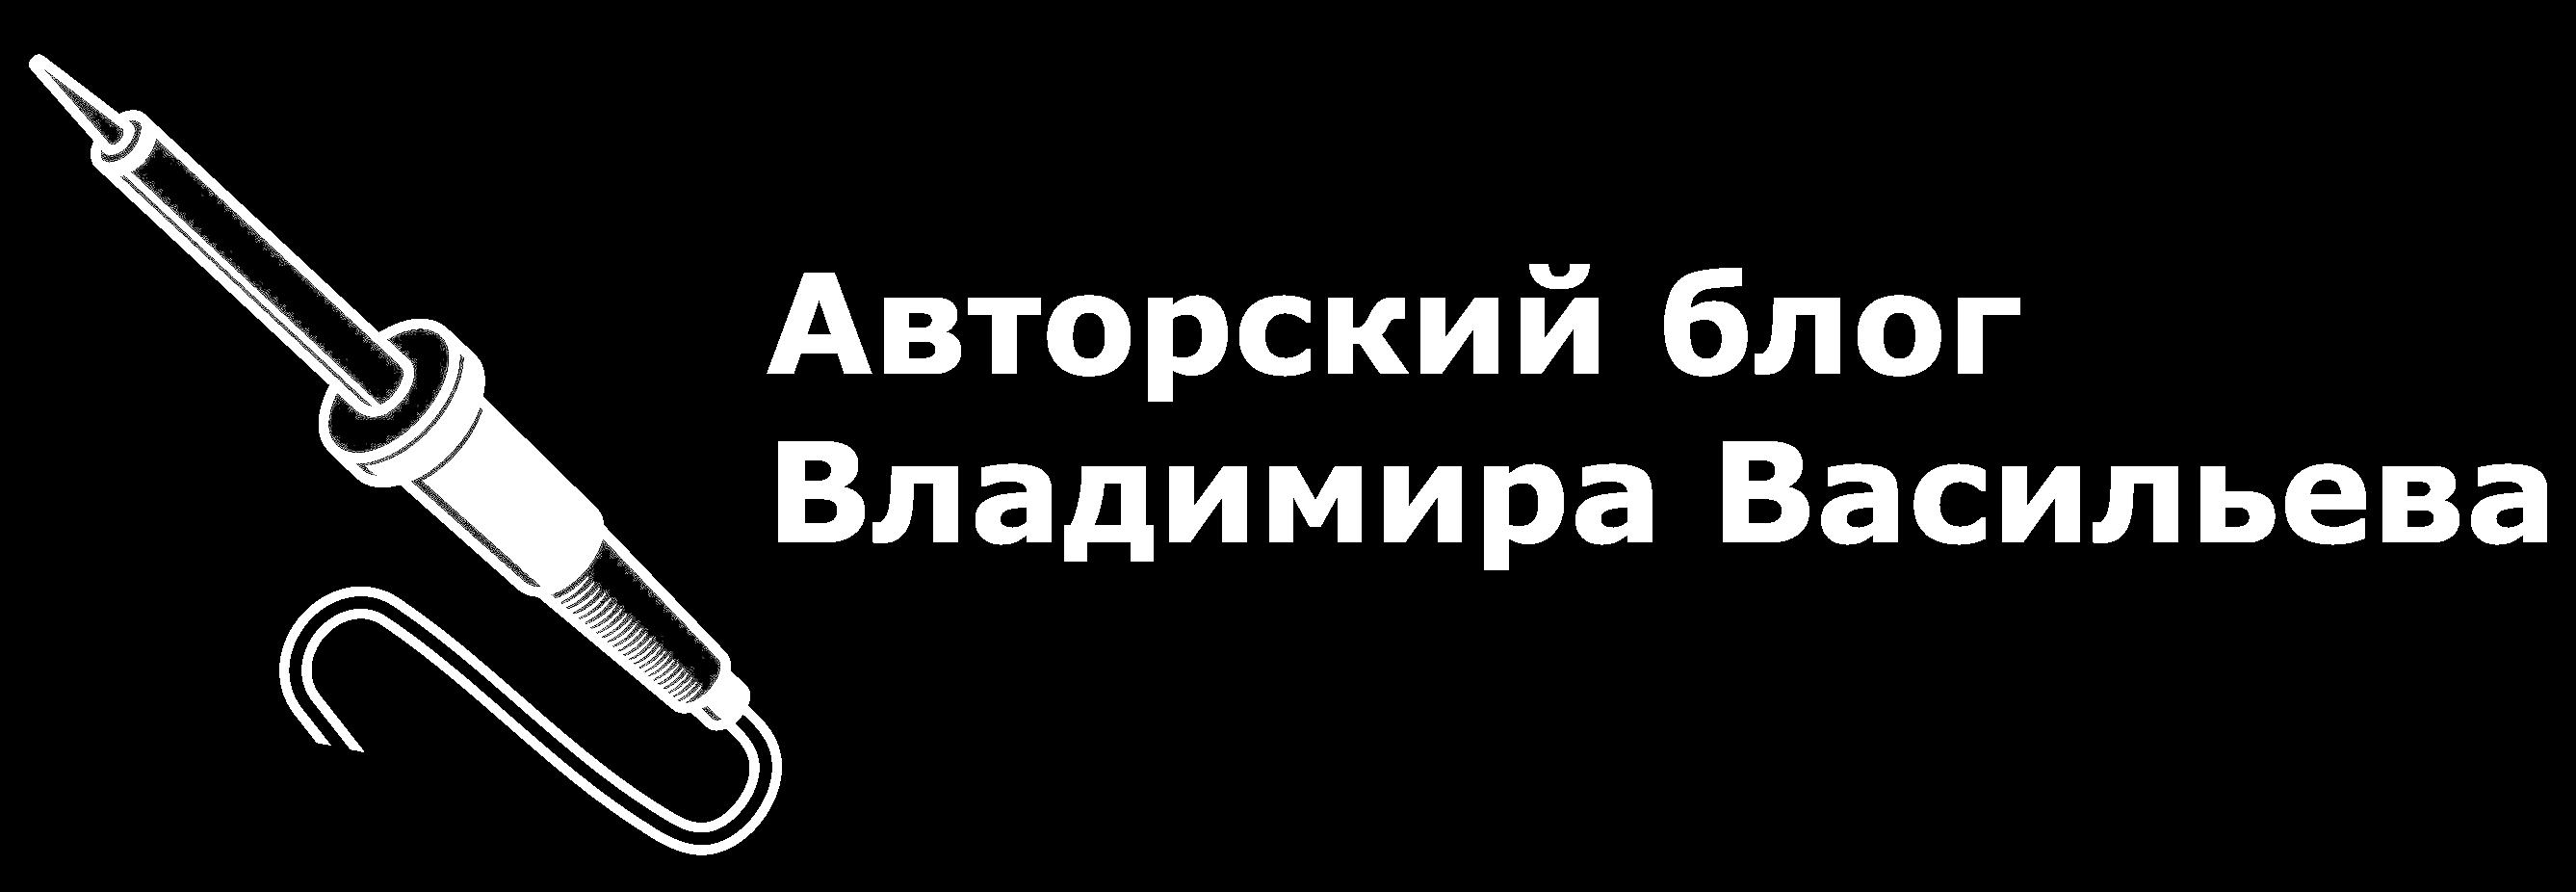 Попаяем.Ру | Авторский блог Владимира Васильева